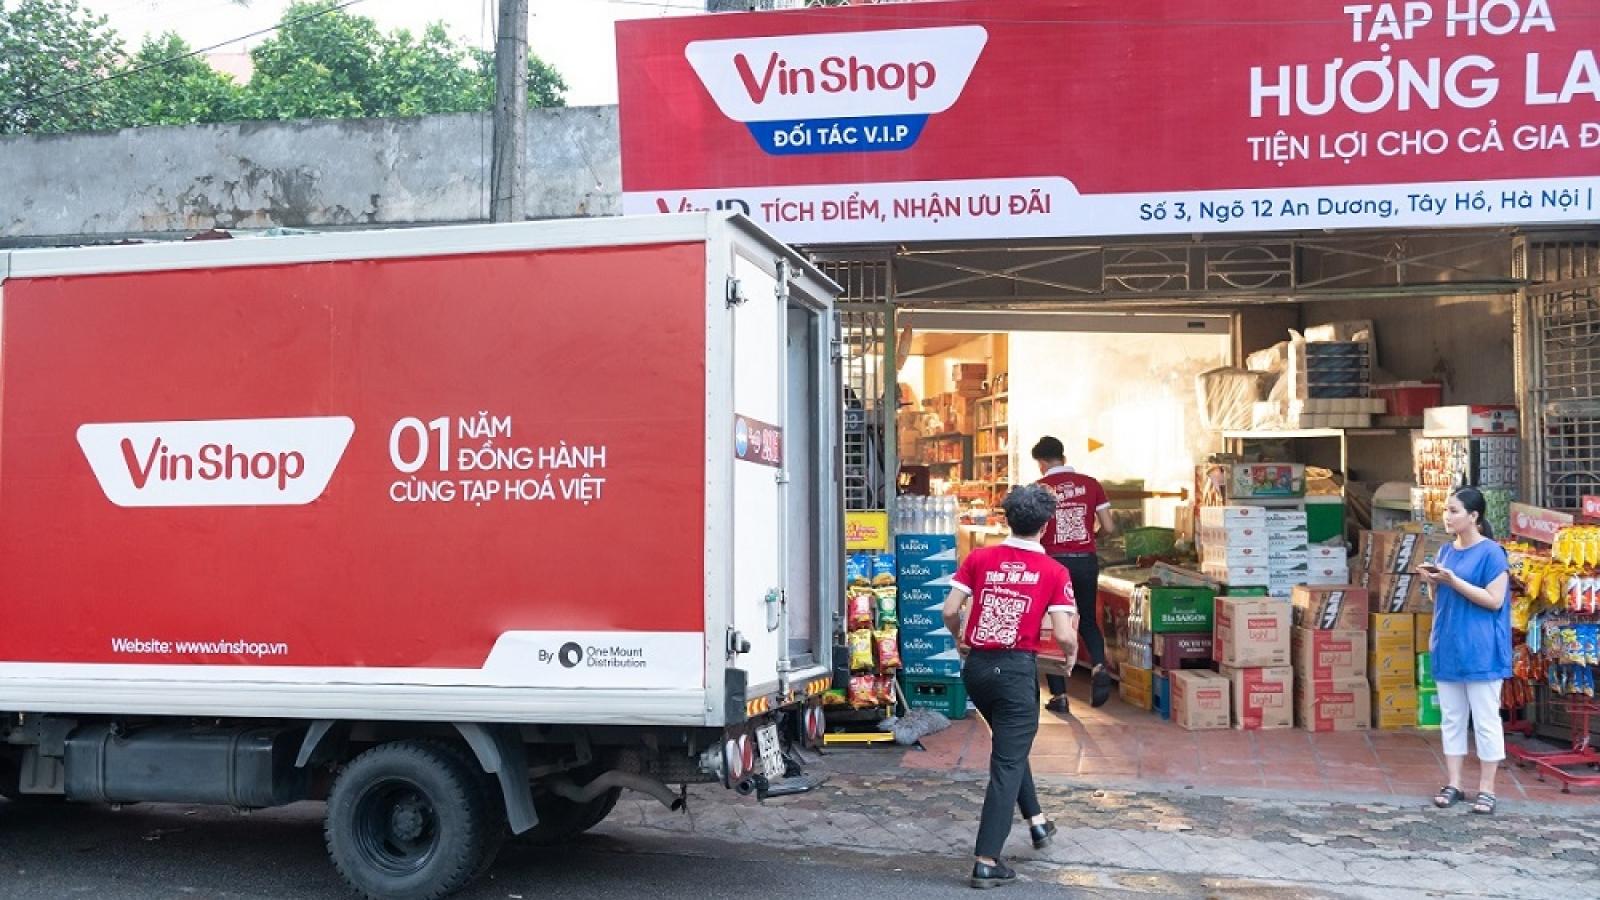 """3 bí quyết """"vàng"""" chinh phục 80.000 tạp hóa Việt của VinShop"""